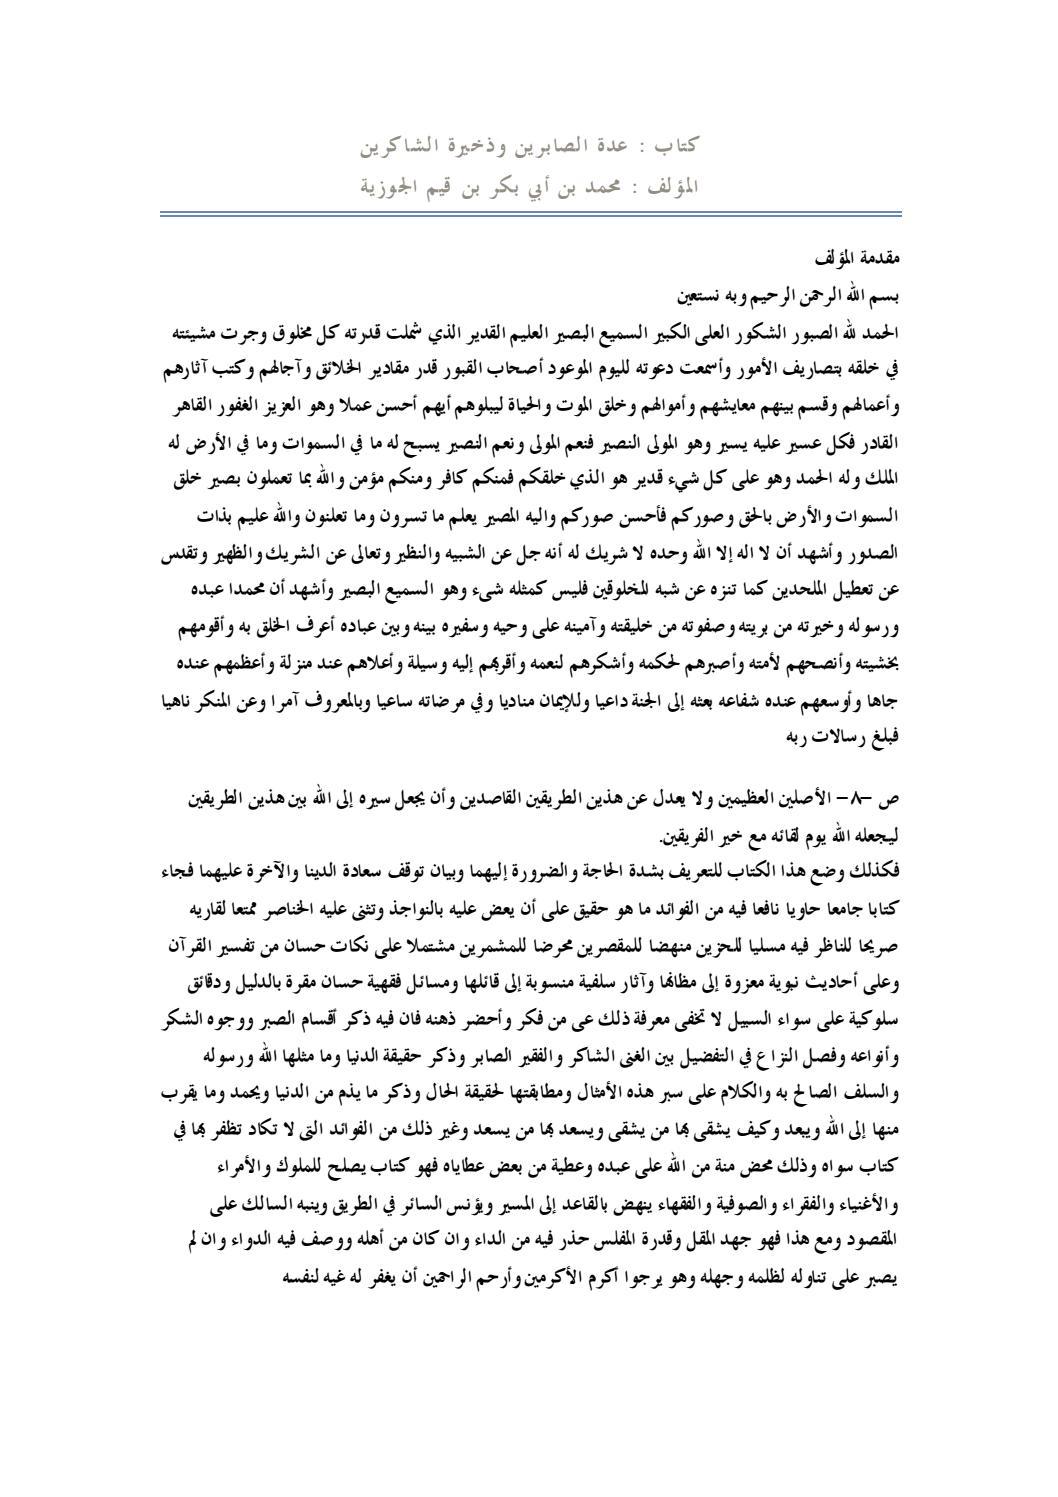 عدة الصابرين وذخيرة الشاكرين By Islamic Library Issuu